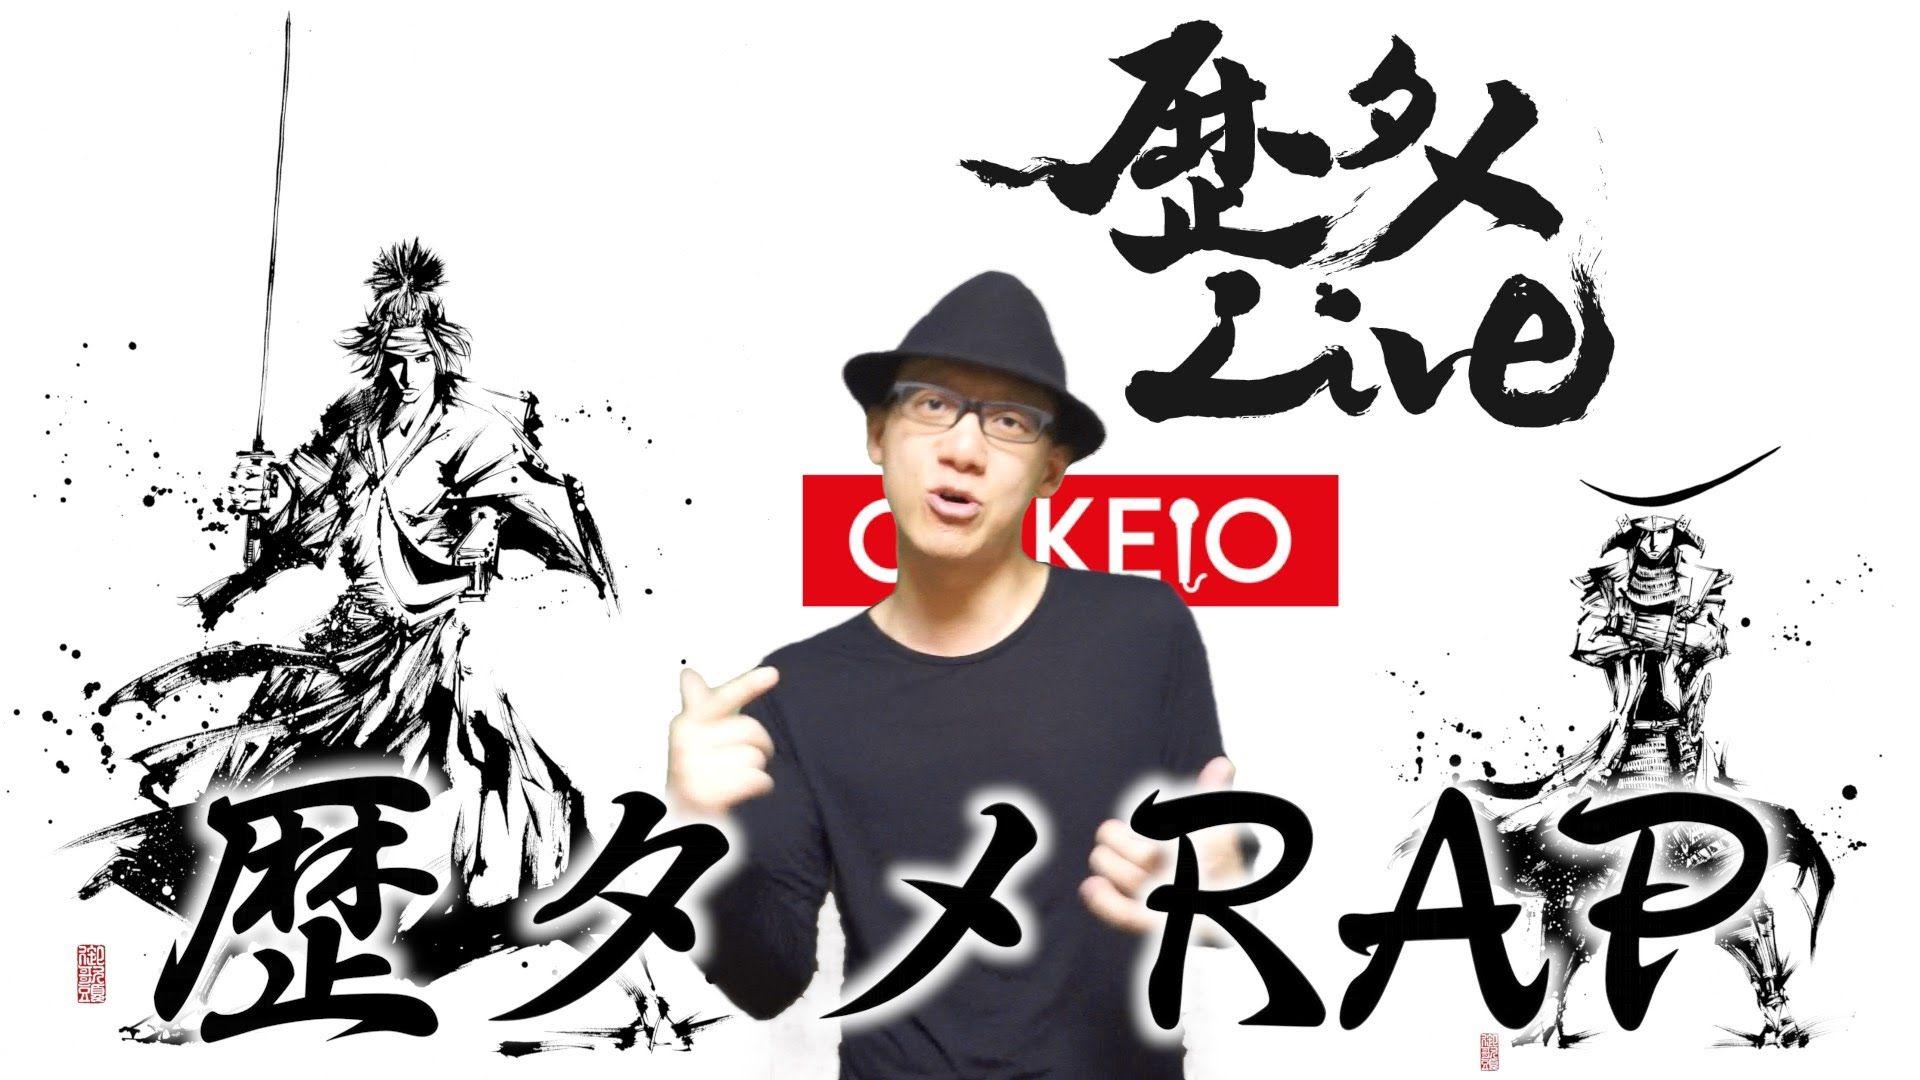 【歴タメRAP】 〜歴タメLIVE公式テーマソング〜 by Co.慶応